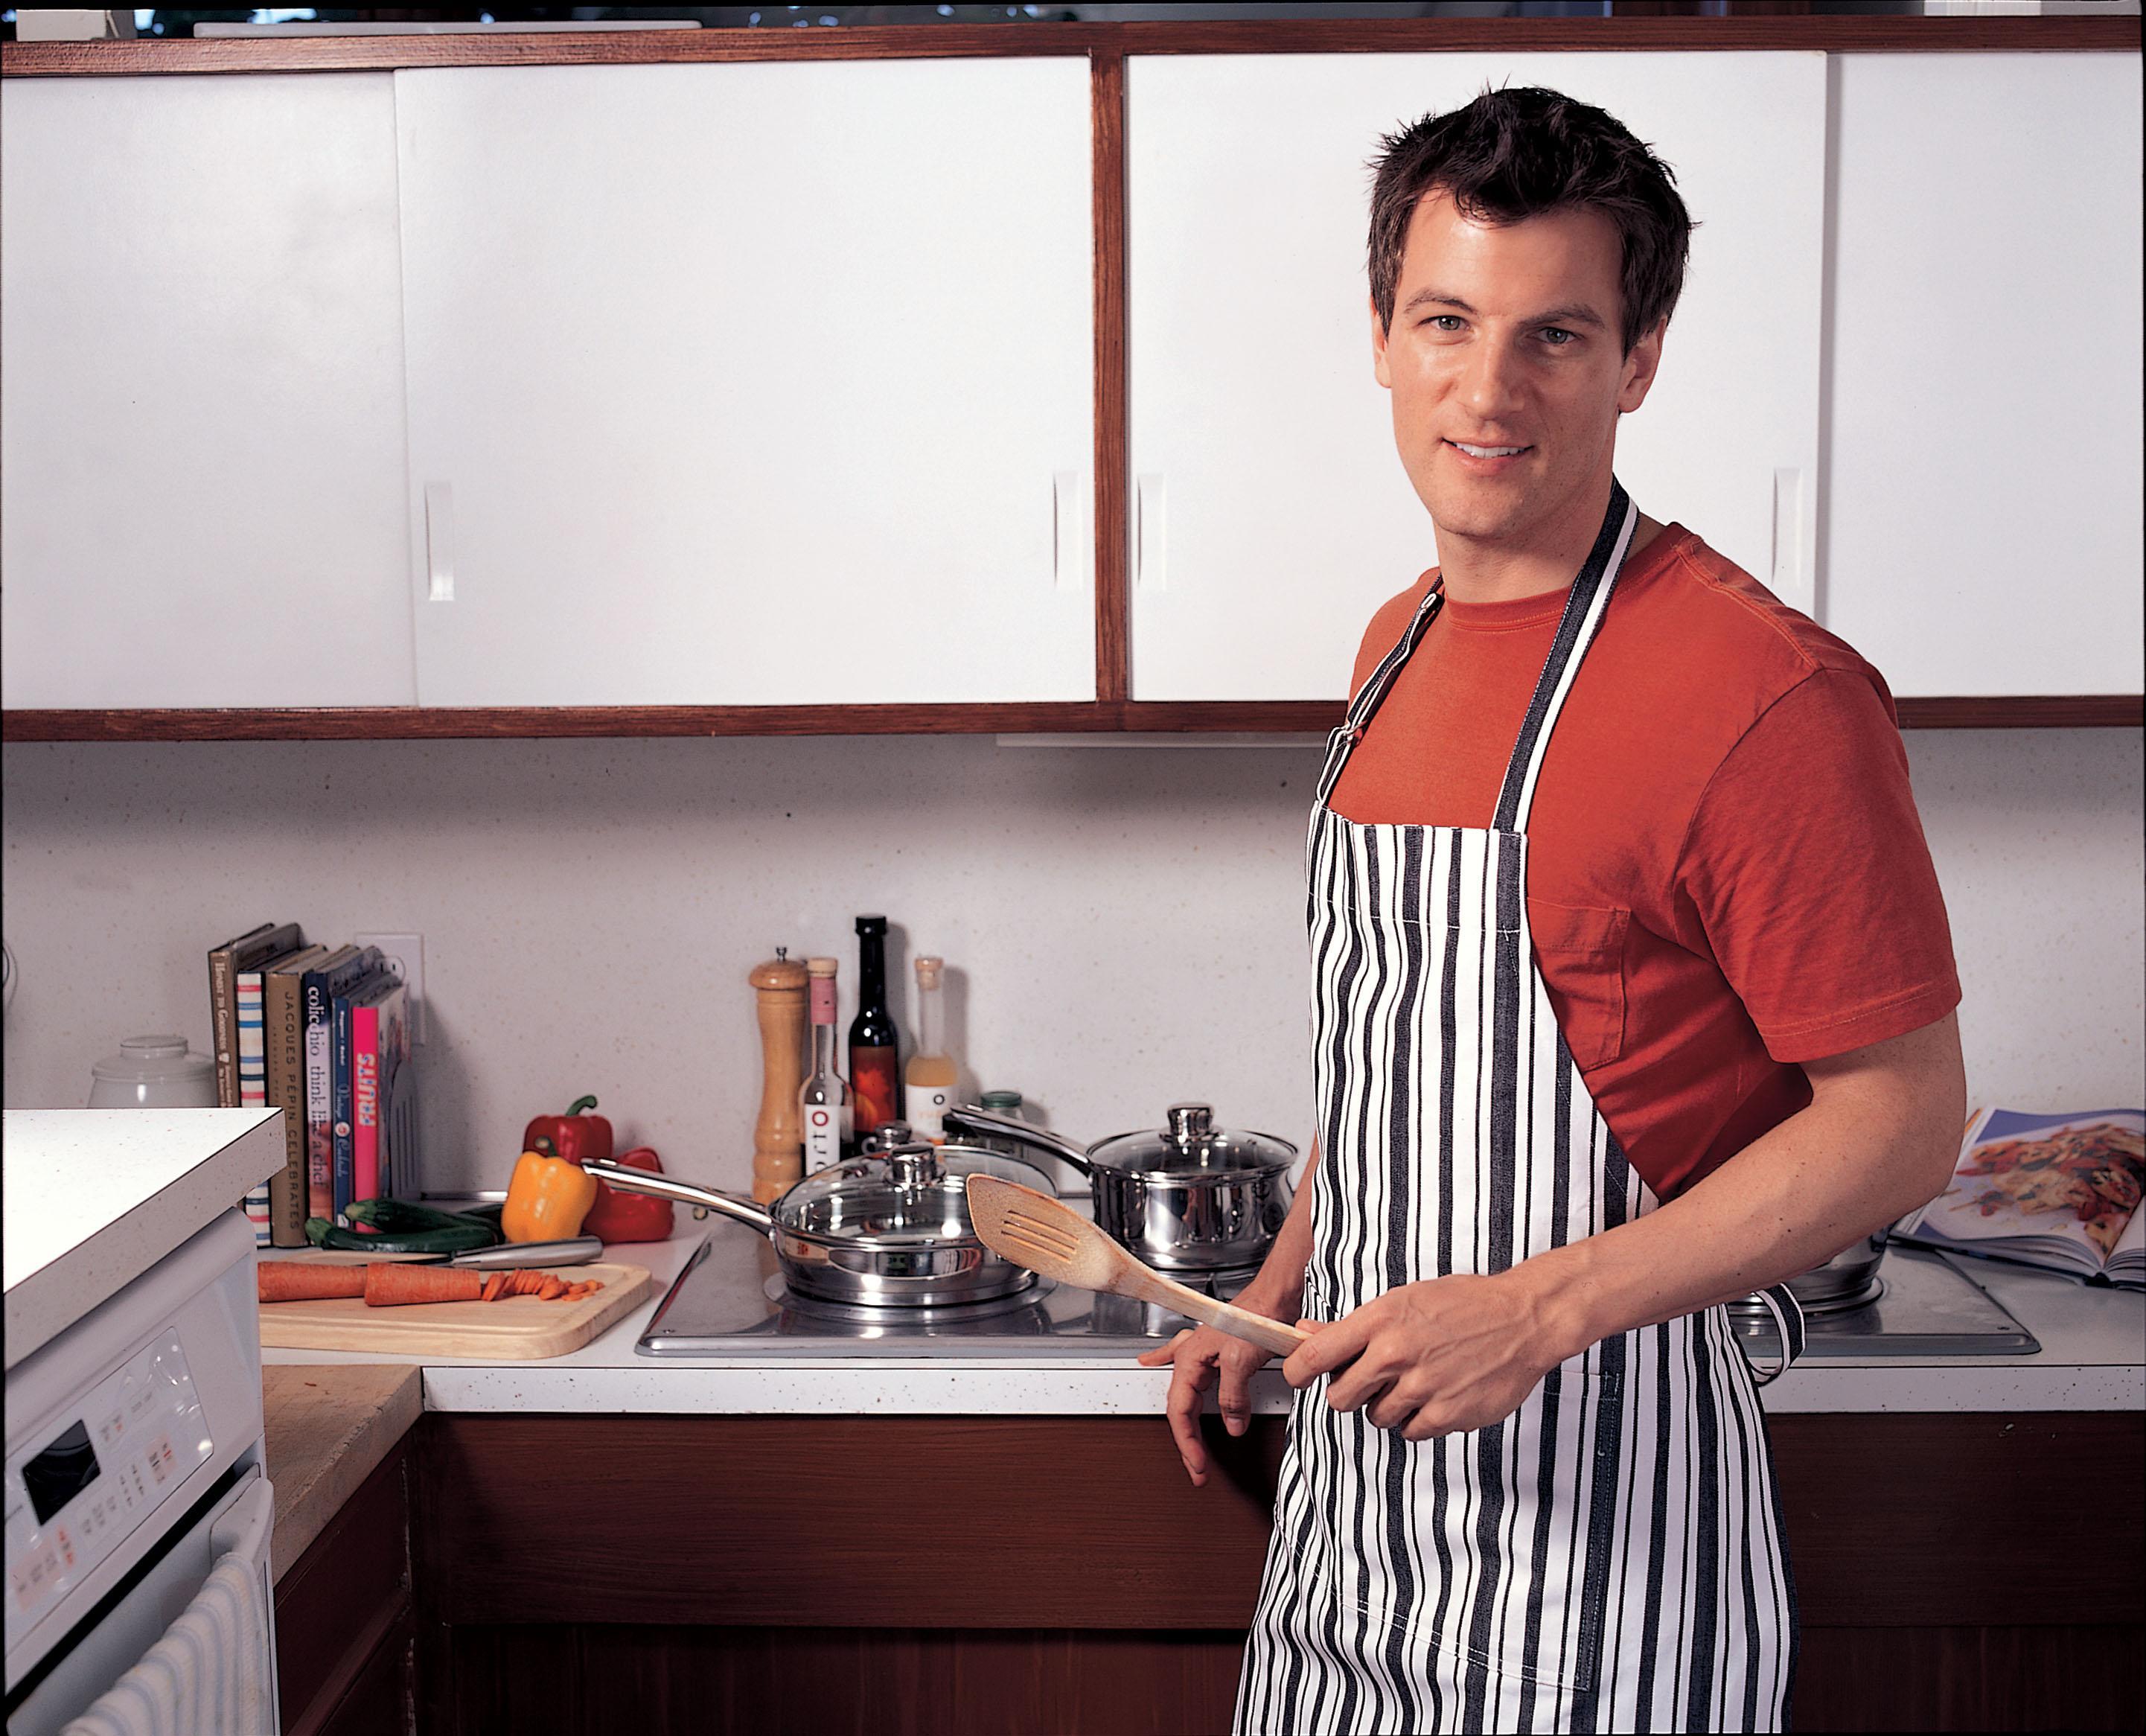 Бизнес галерея кухни фото мужик душе